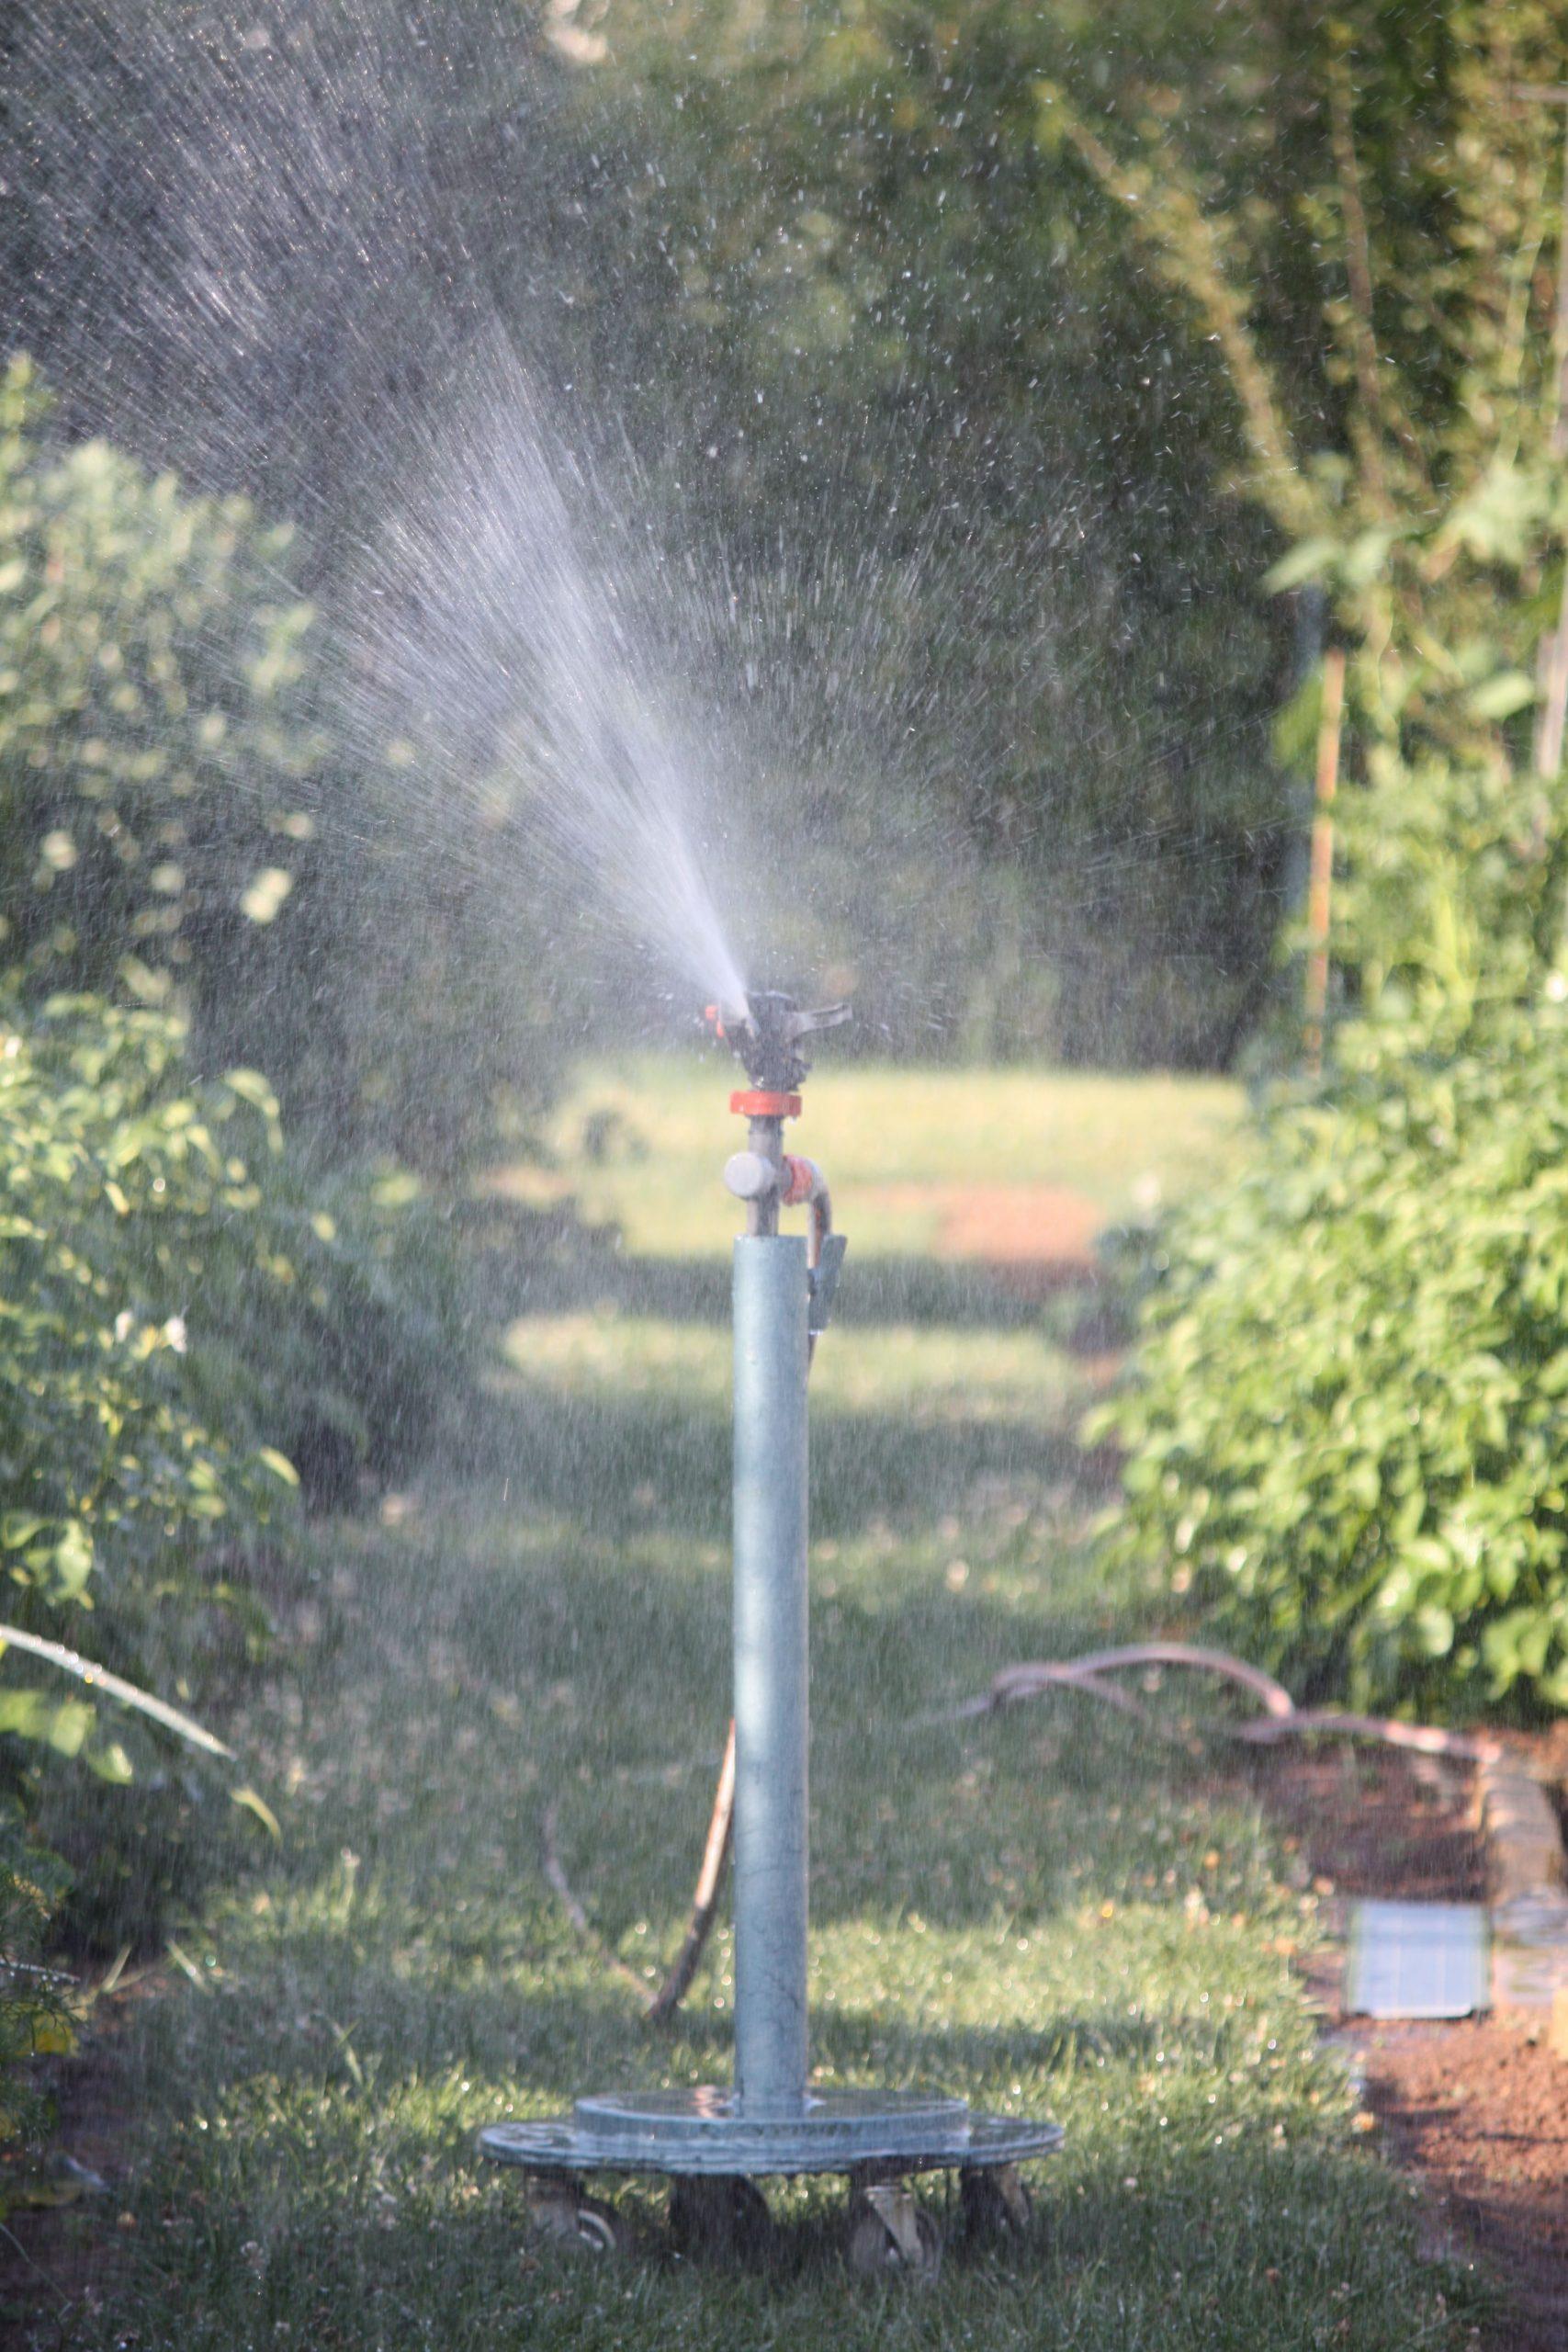 Arrosage Automatique Pour Le Jardin | Jardins, Arrosage ... pour Arrosage Automatique De Jardin